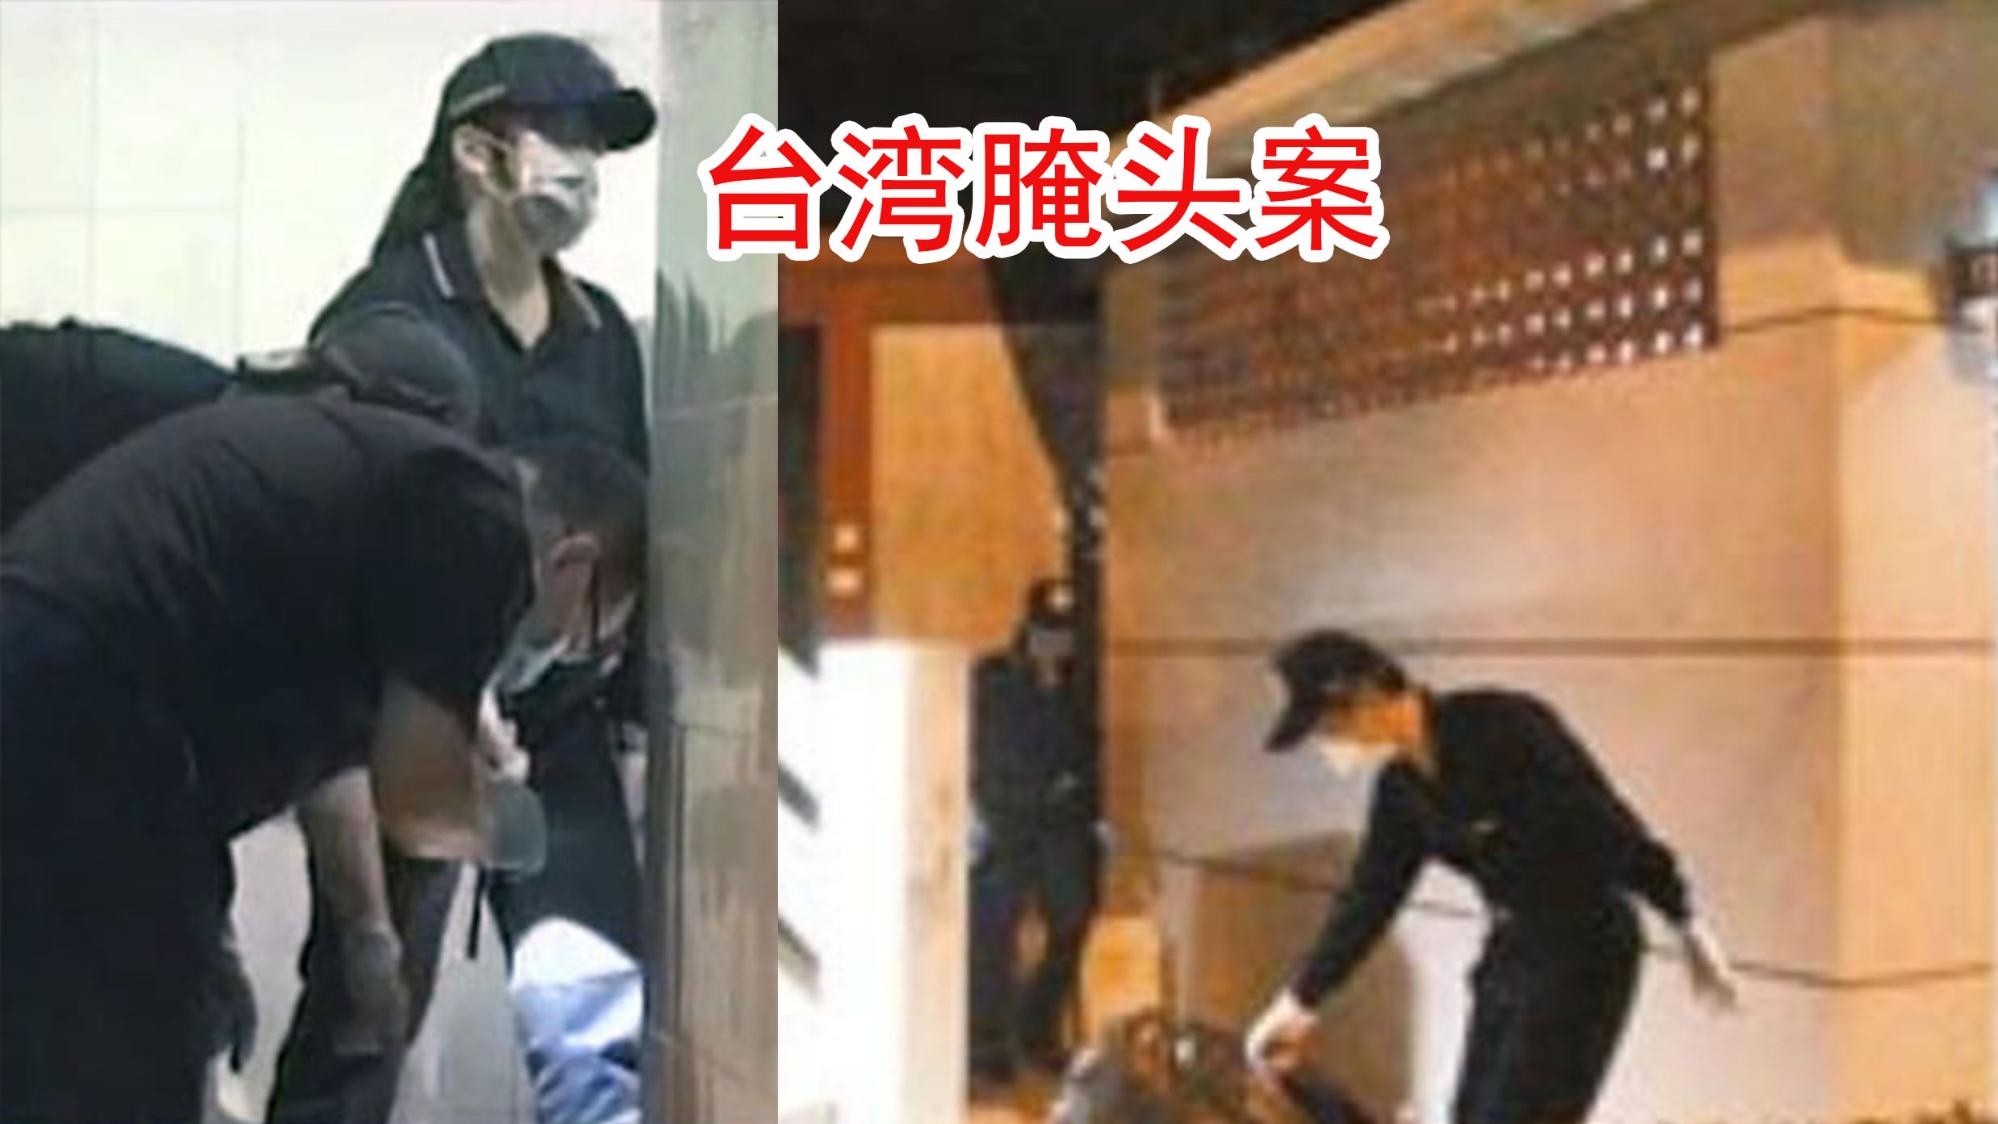 台湾腌头案,凶手用盐腌头,还是个喜欢骚扰女明星的变态